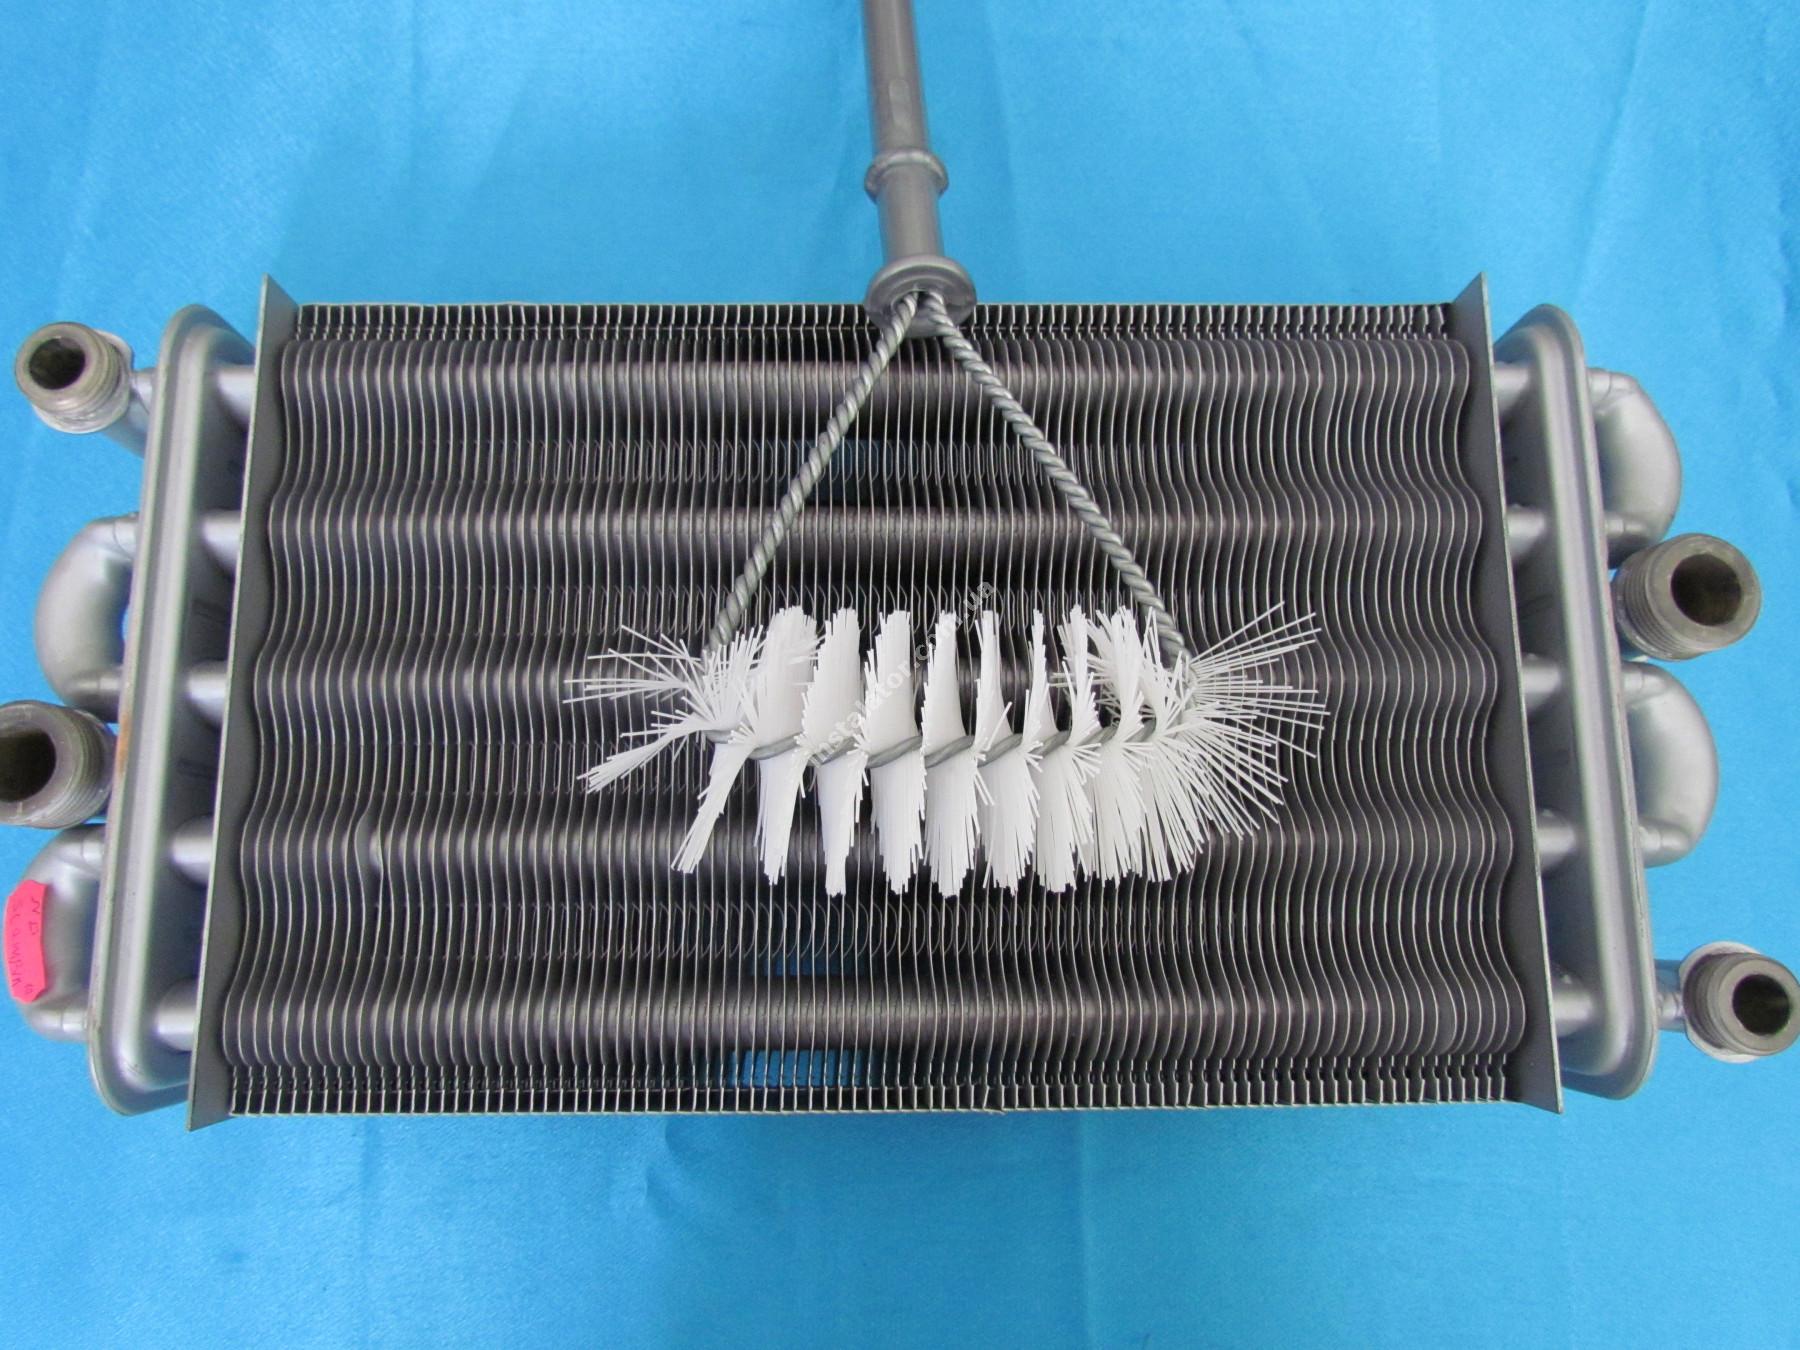 000101 Щітка для чистки  первинних теплообмінників d50 full-image-2